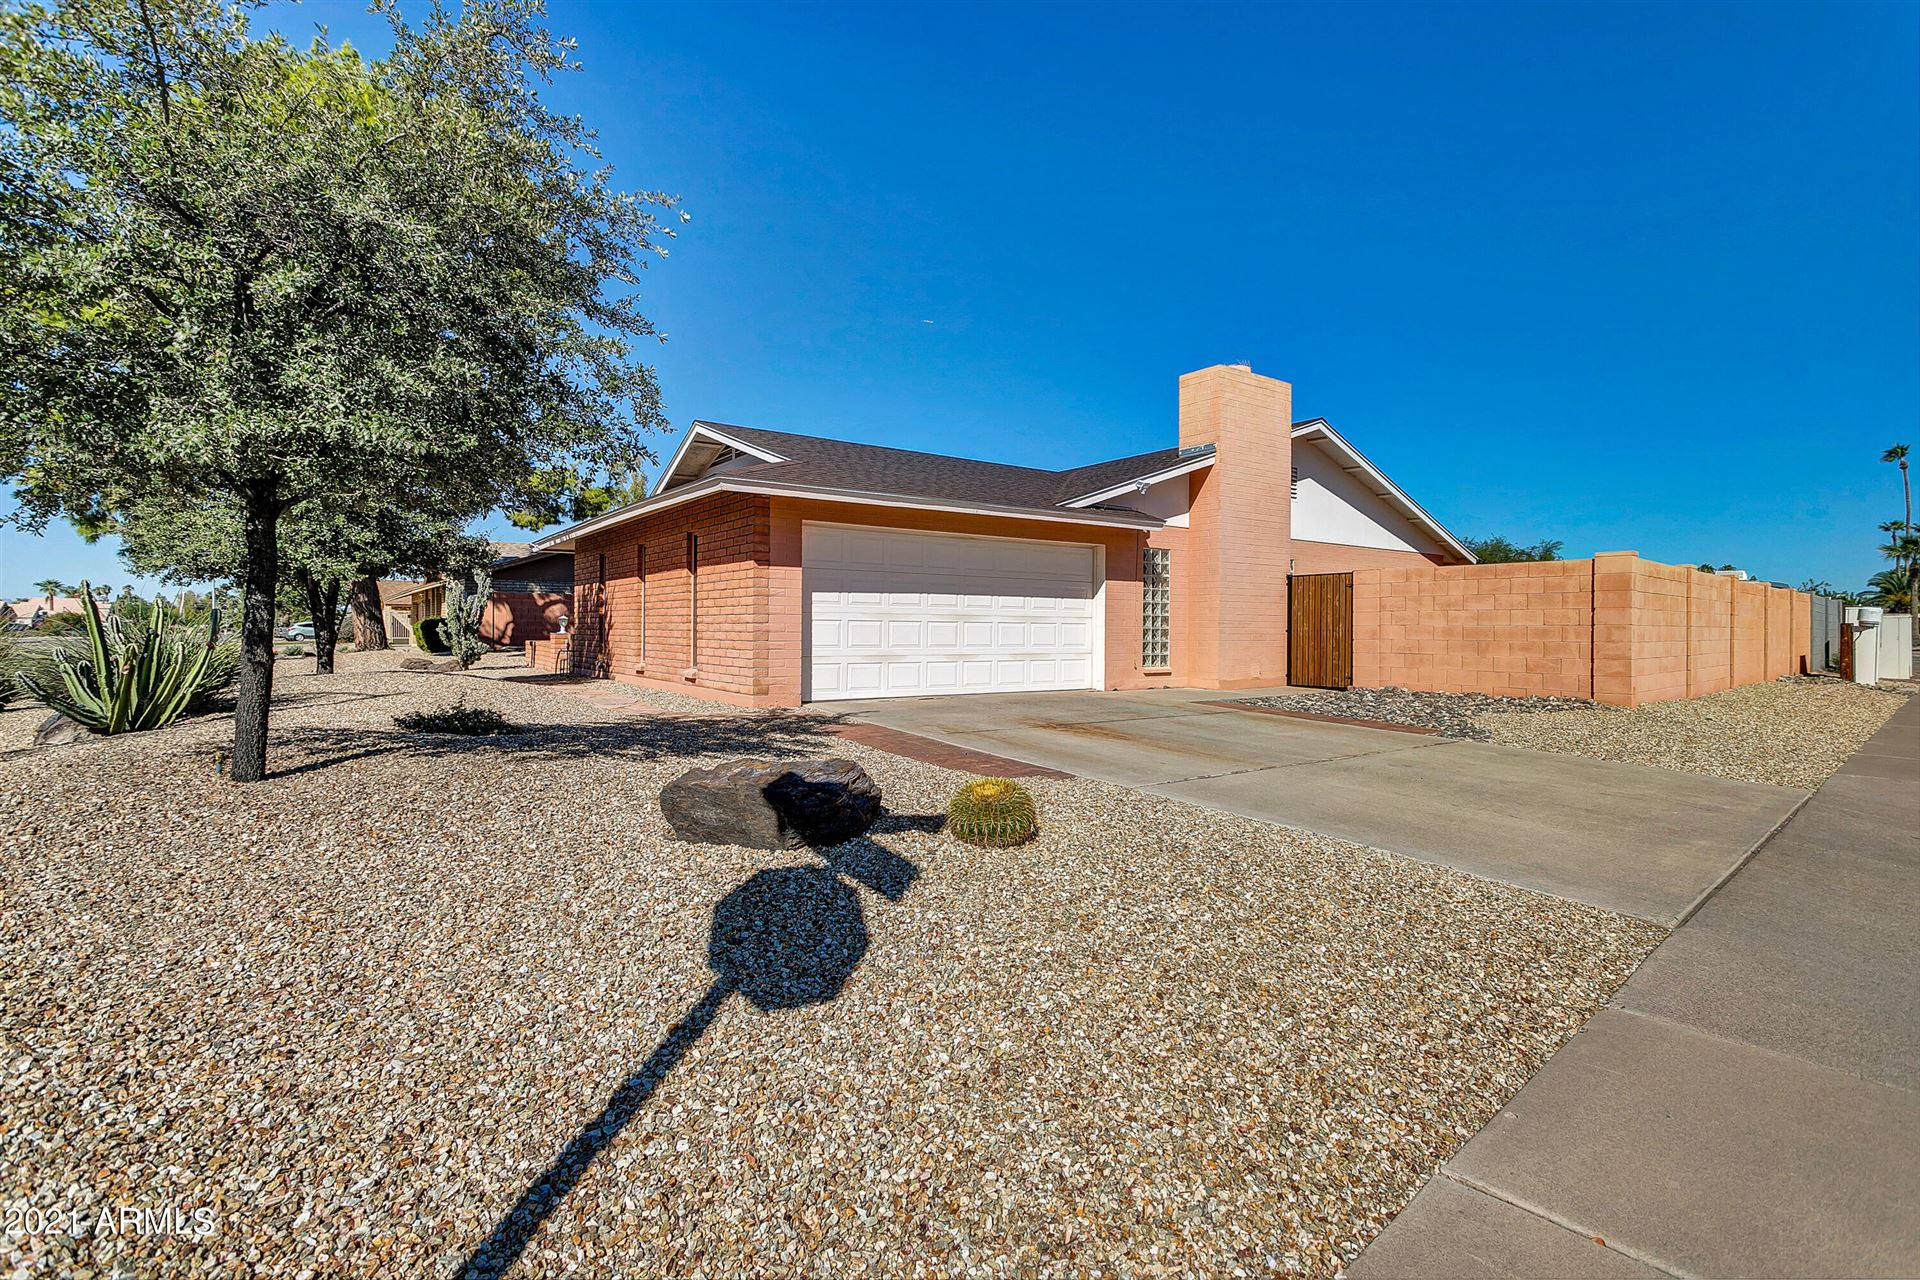 Photo of 4902 W PARADISE Lane, Glendale, AZ 85306 (MLS # 6307653)